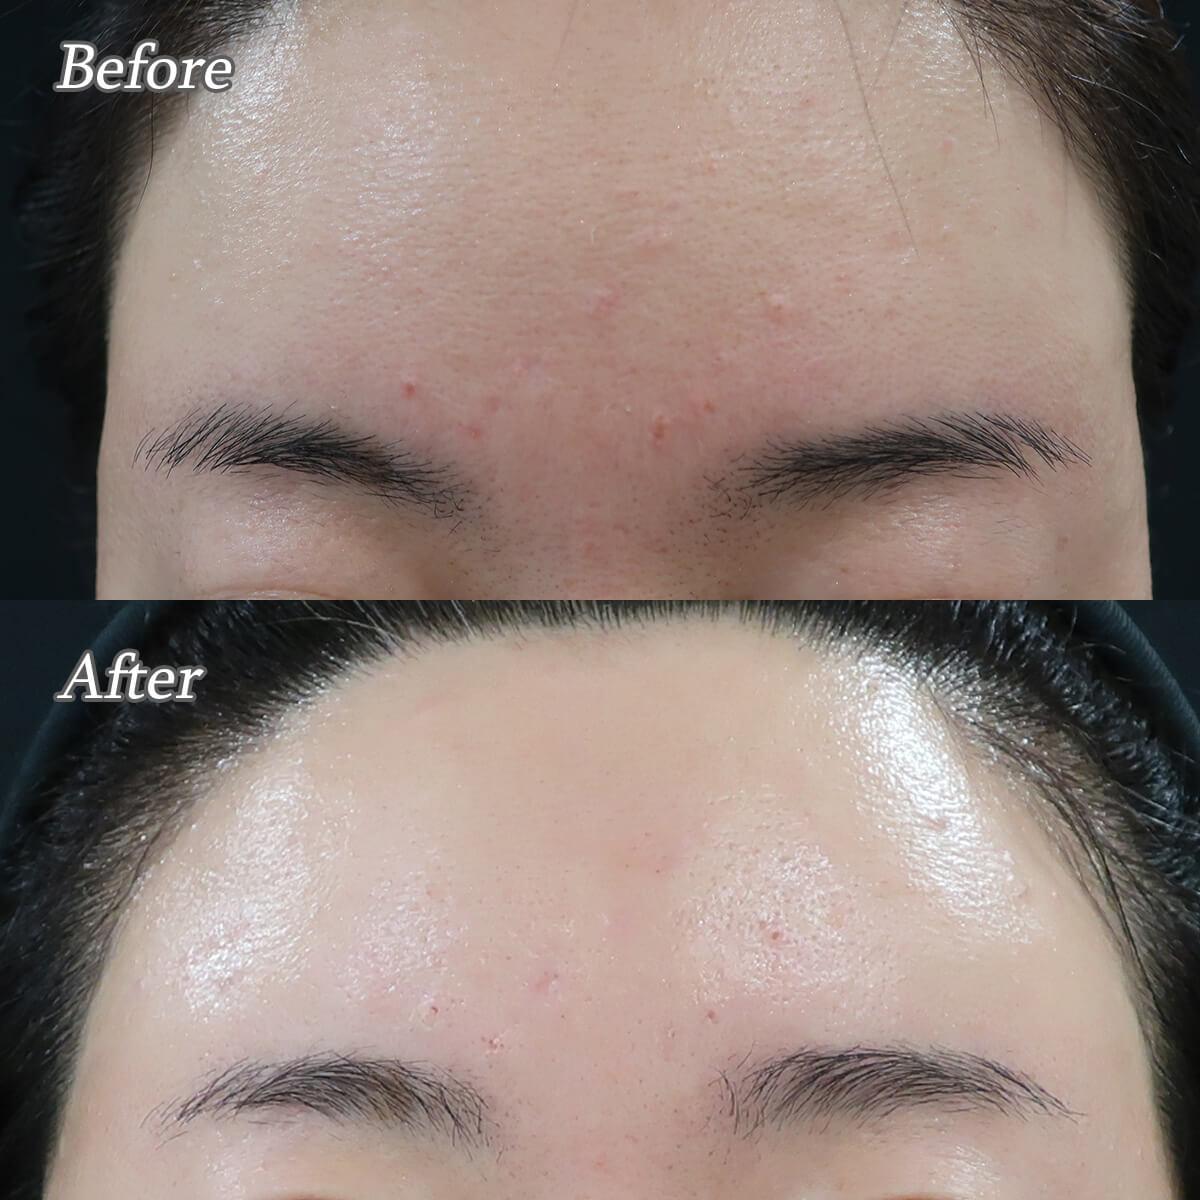 脂腺増殖症に対するアグネスAGNESの効果。1回治療ビフォーアフター写真。